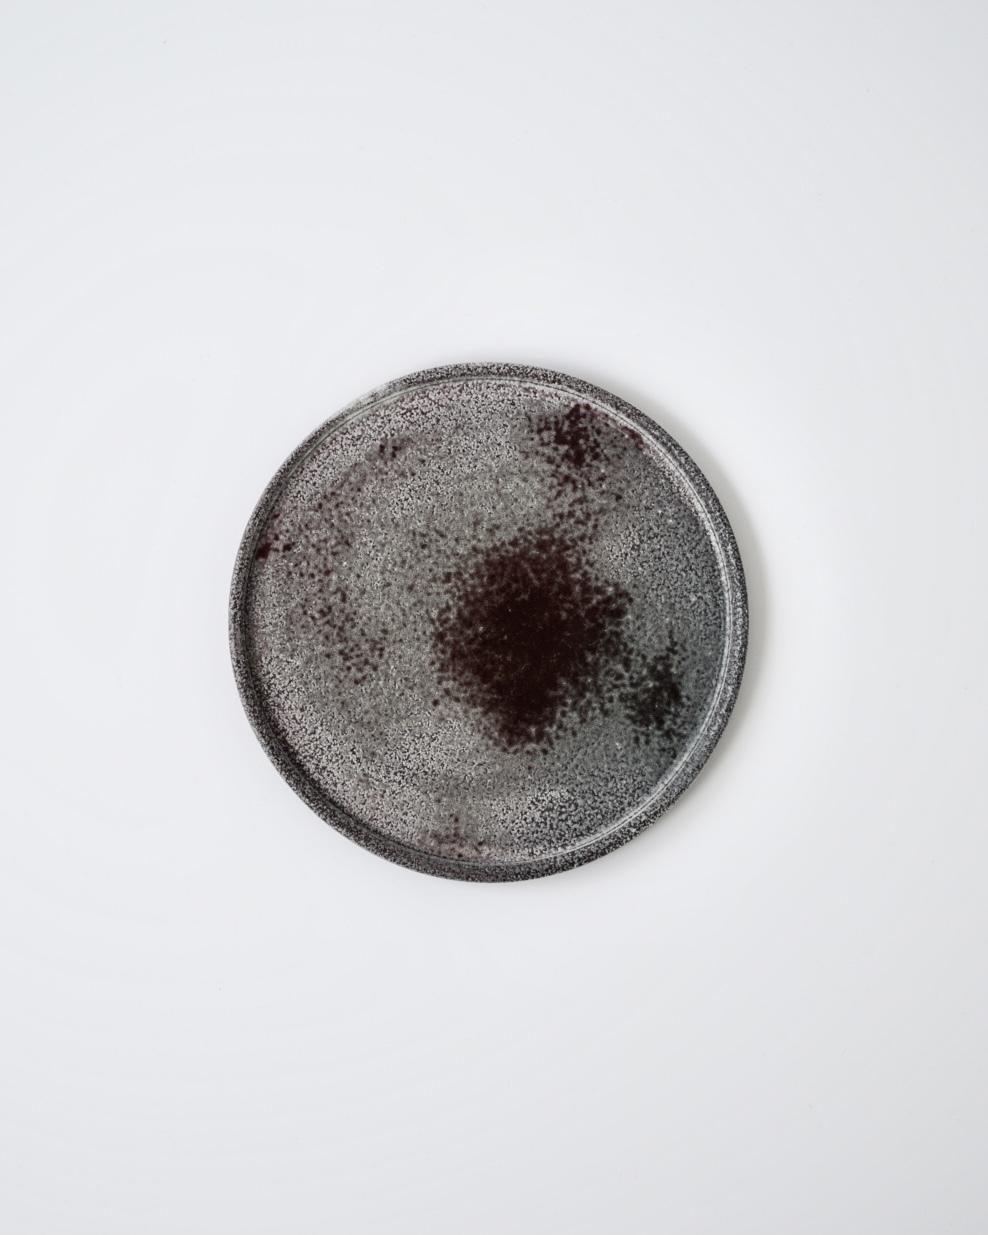 Etsuji Noguchi / 6.5寸平皿